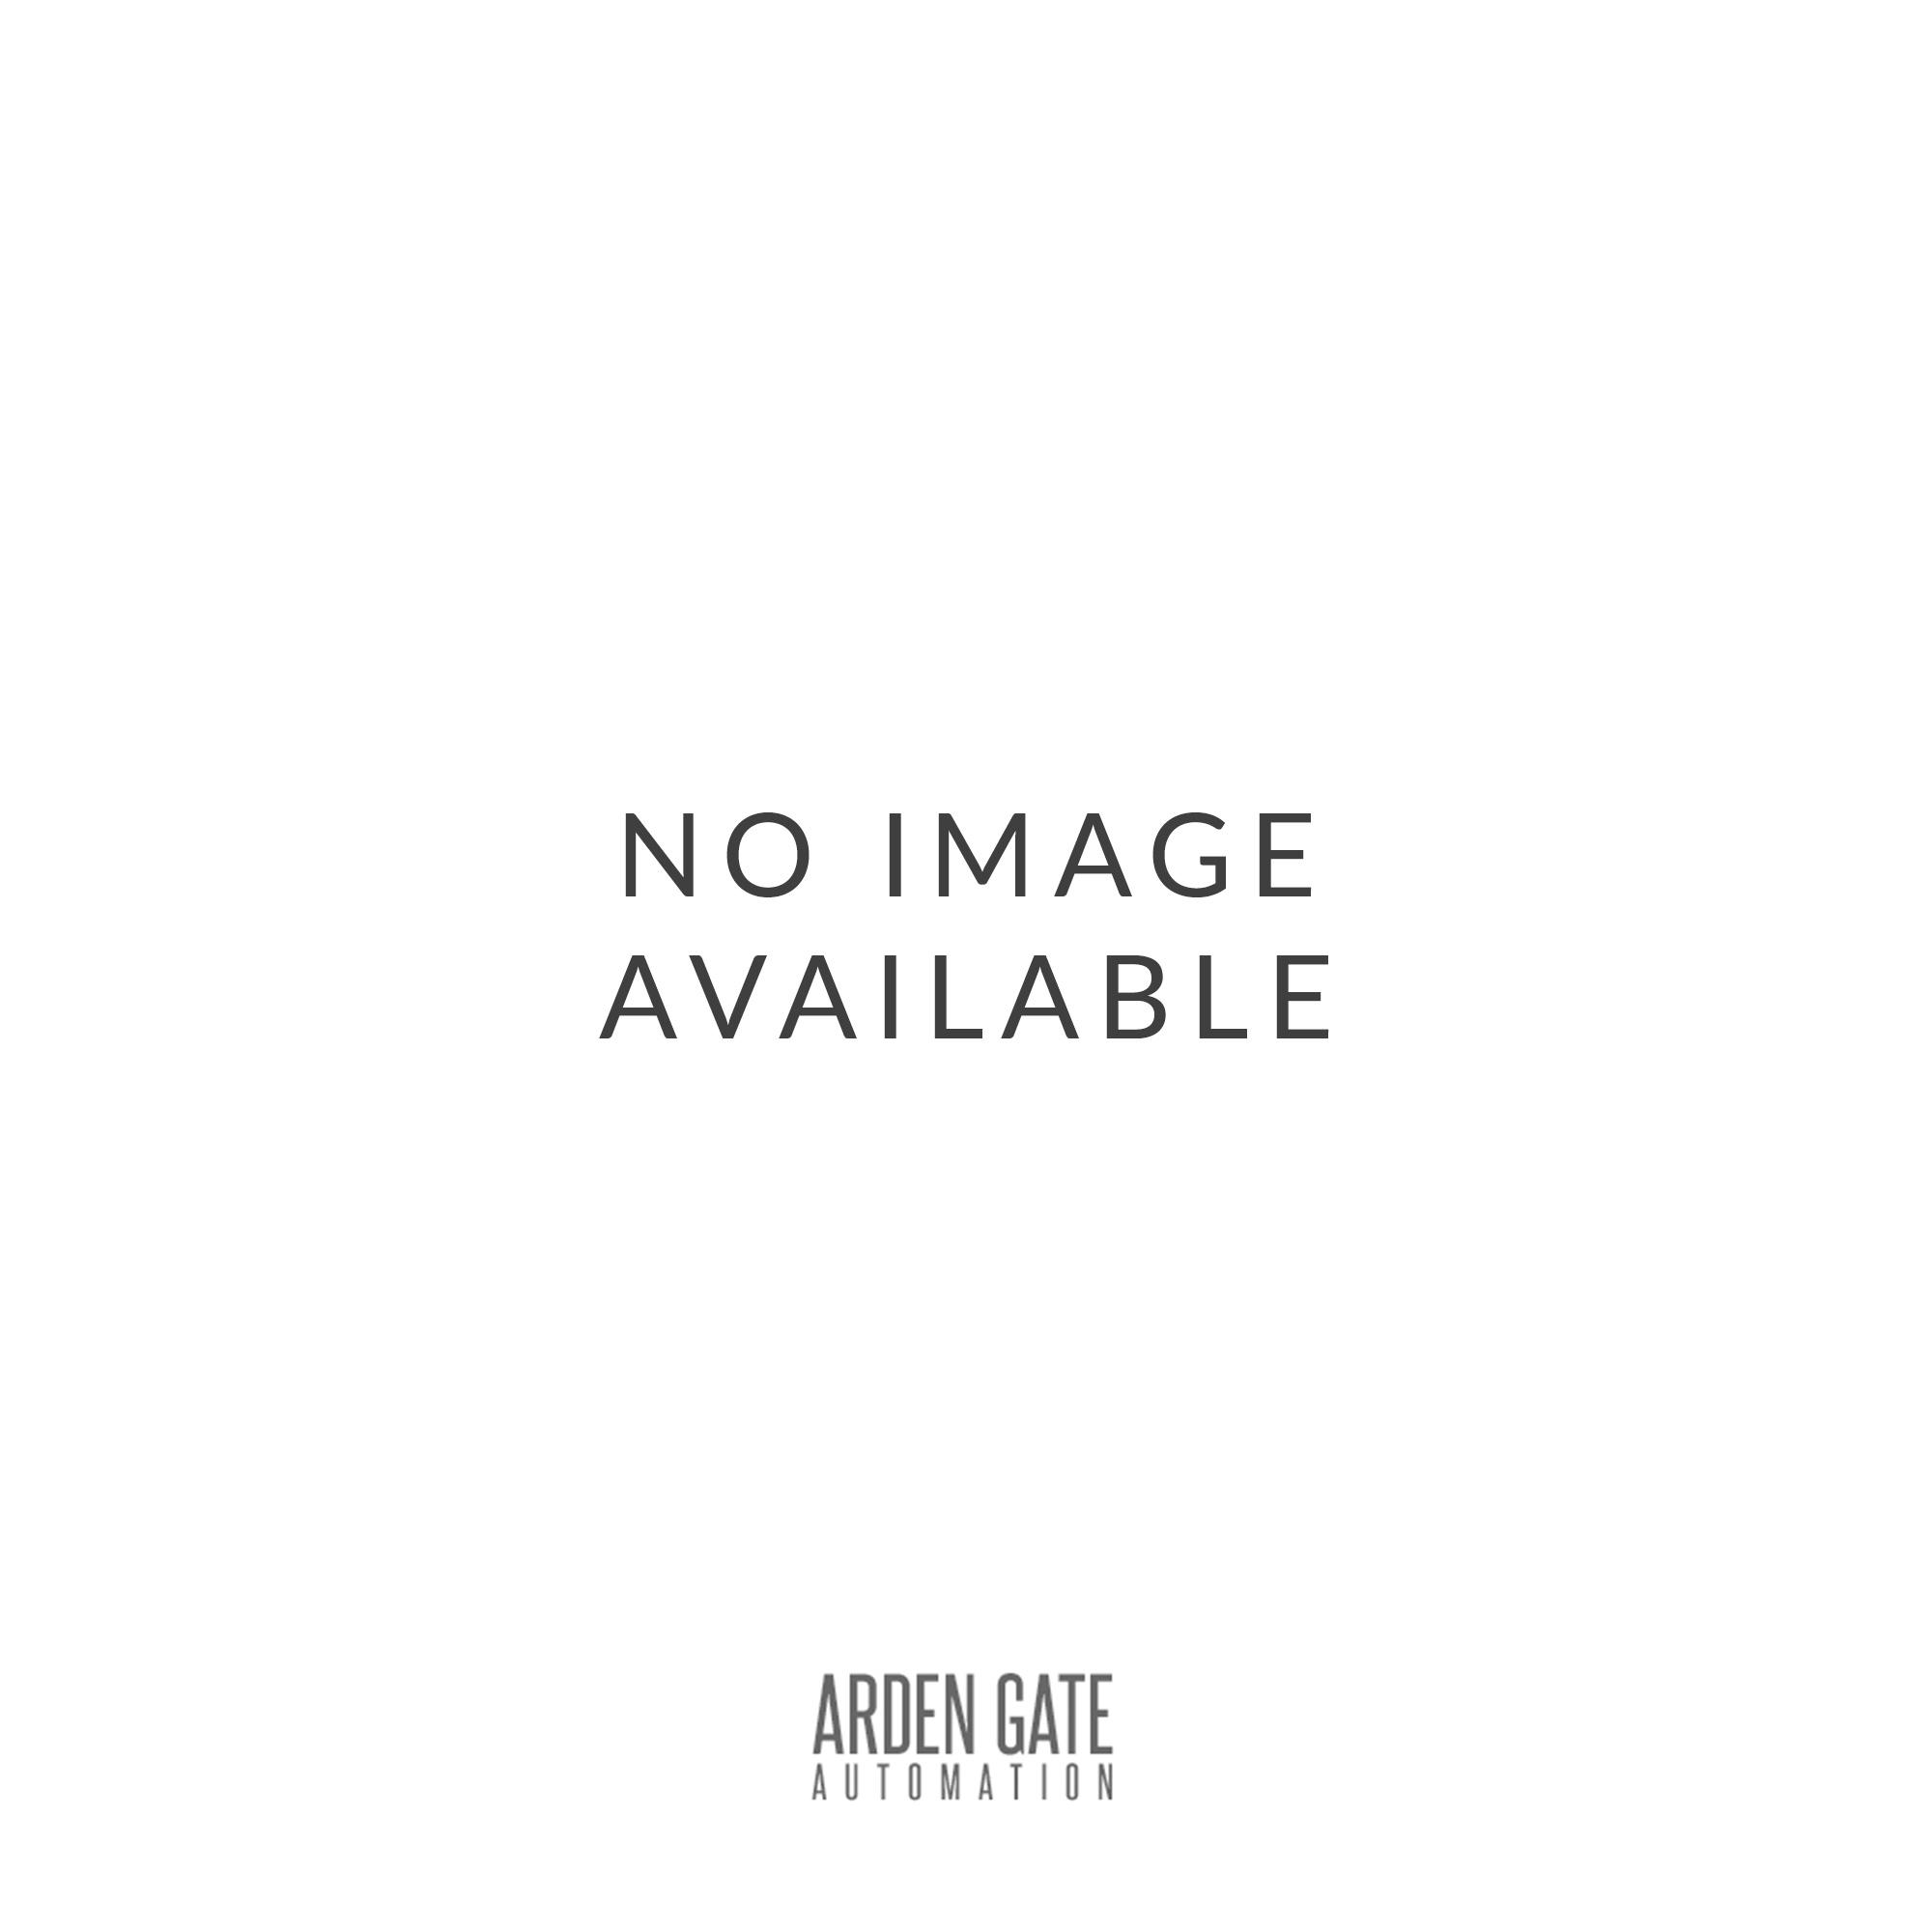 Roger Technology KIT B70/20 - 24V Control Kit for 2 Brushless Motors